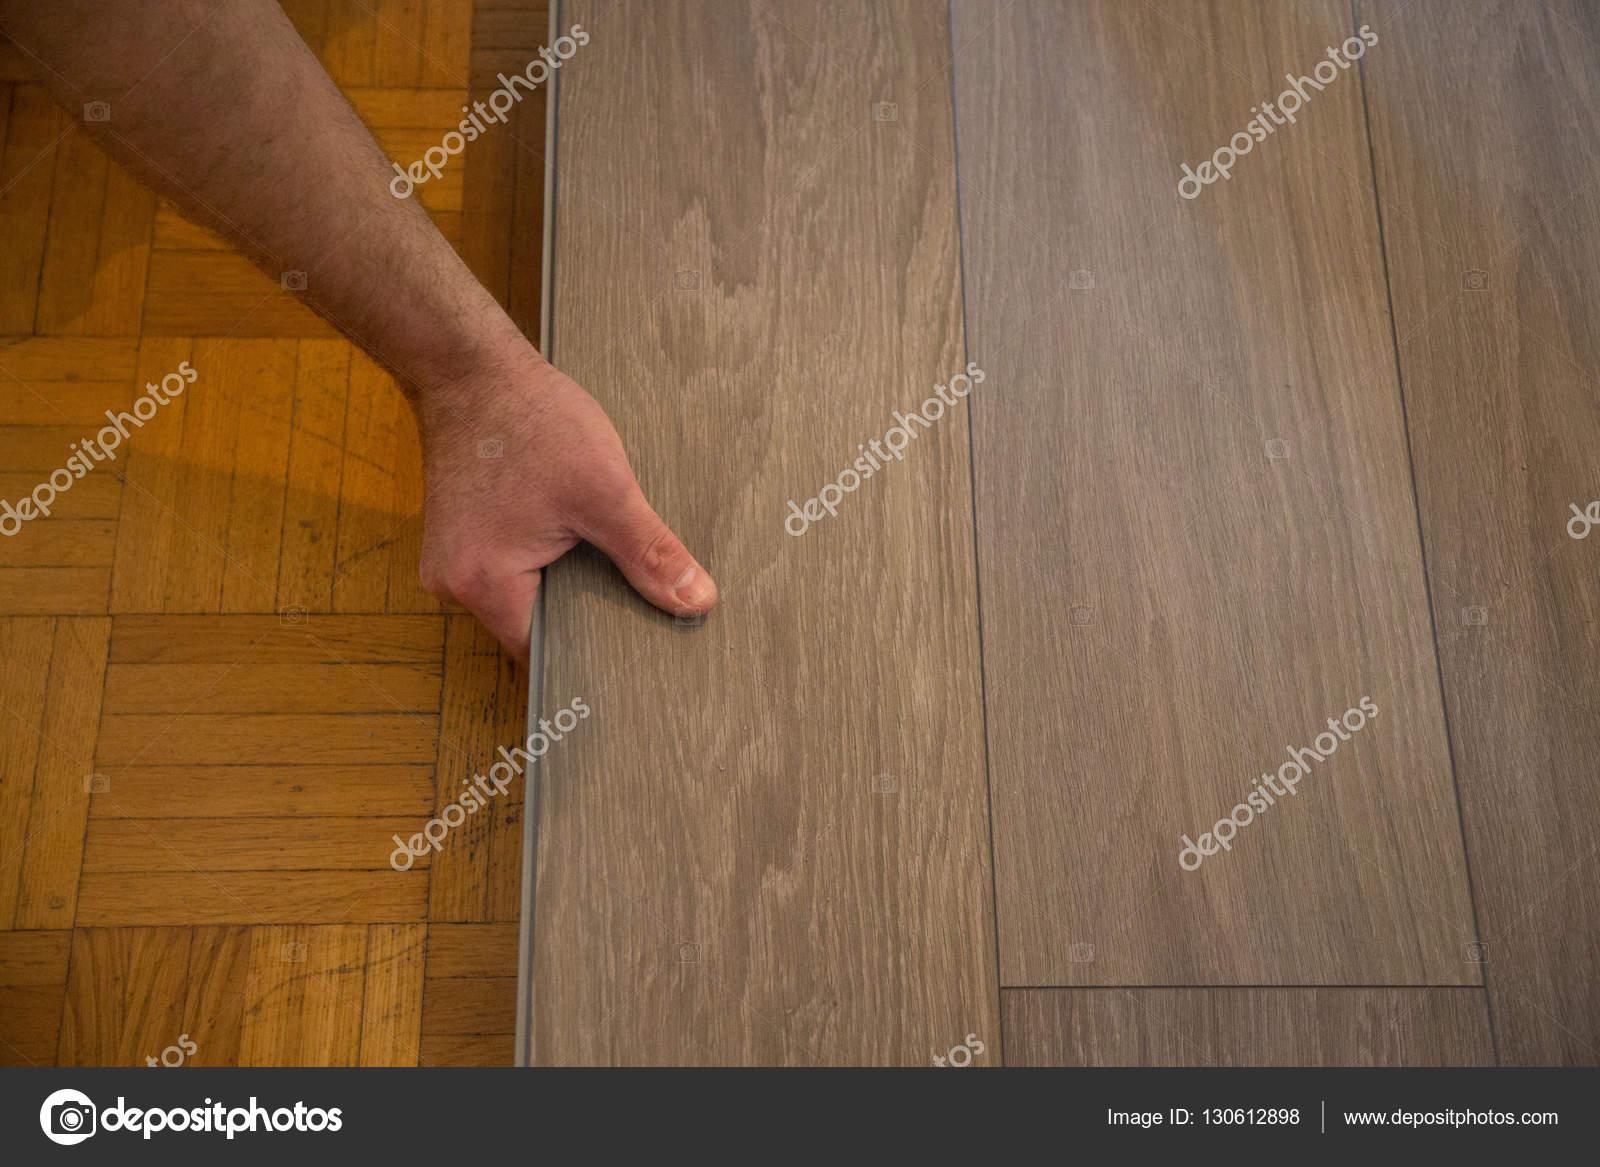 vinylboden auf parkett verlegen — stockfoto © munich1 #130612898